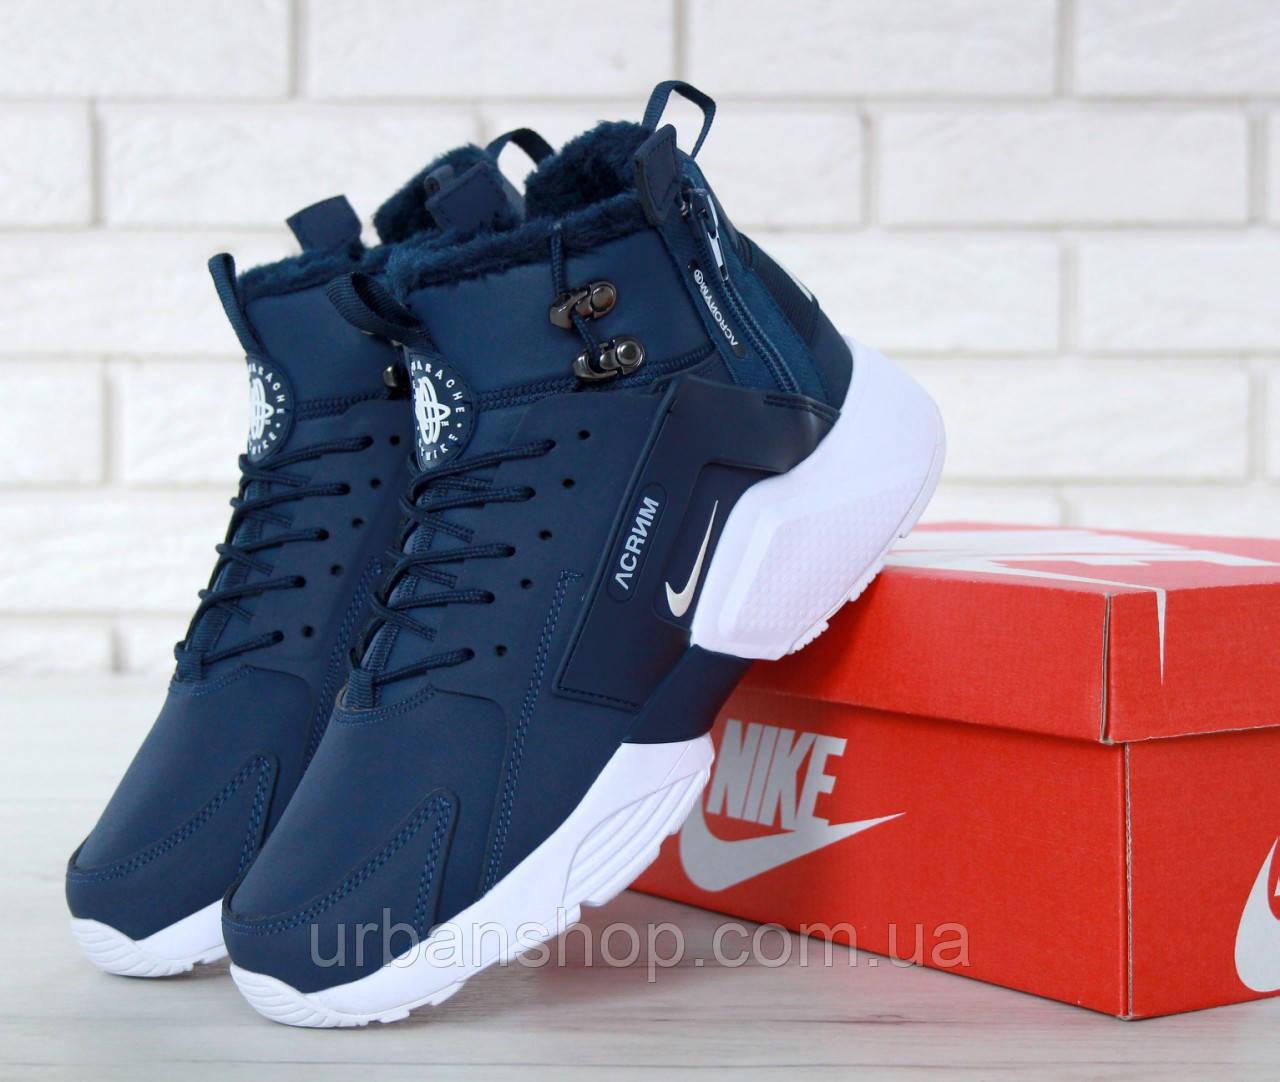 Зимові кросівки Nike Huarache X Acronym City Winter Black/White с хутром, Чоловічі кросівки. ТОП Репліка ААА класу.